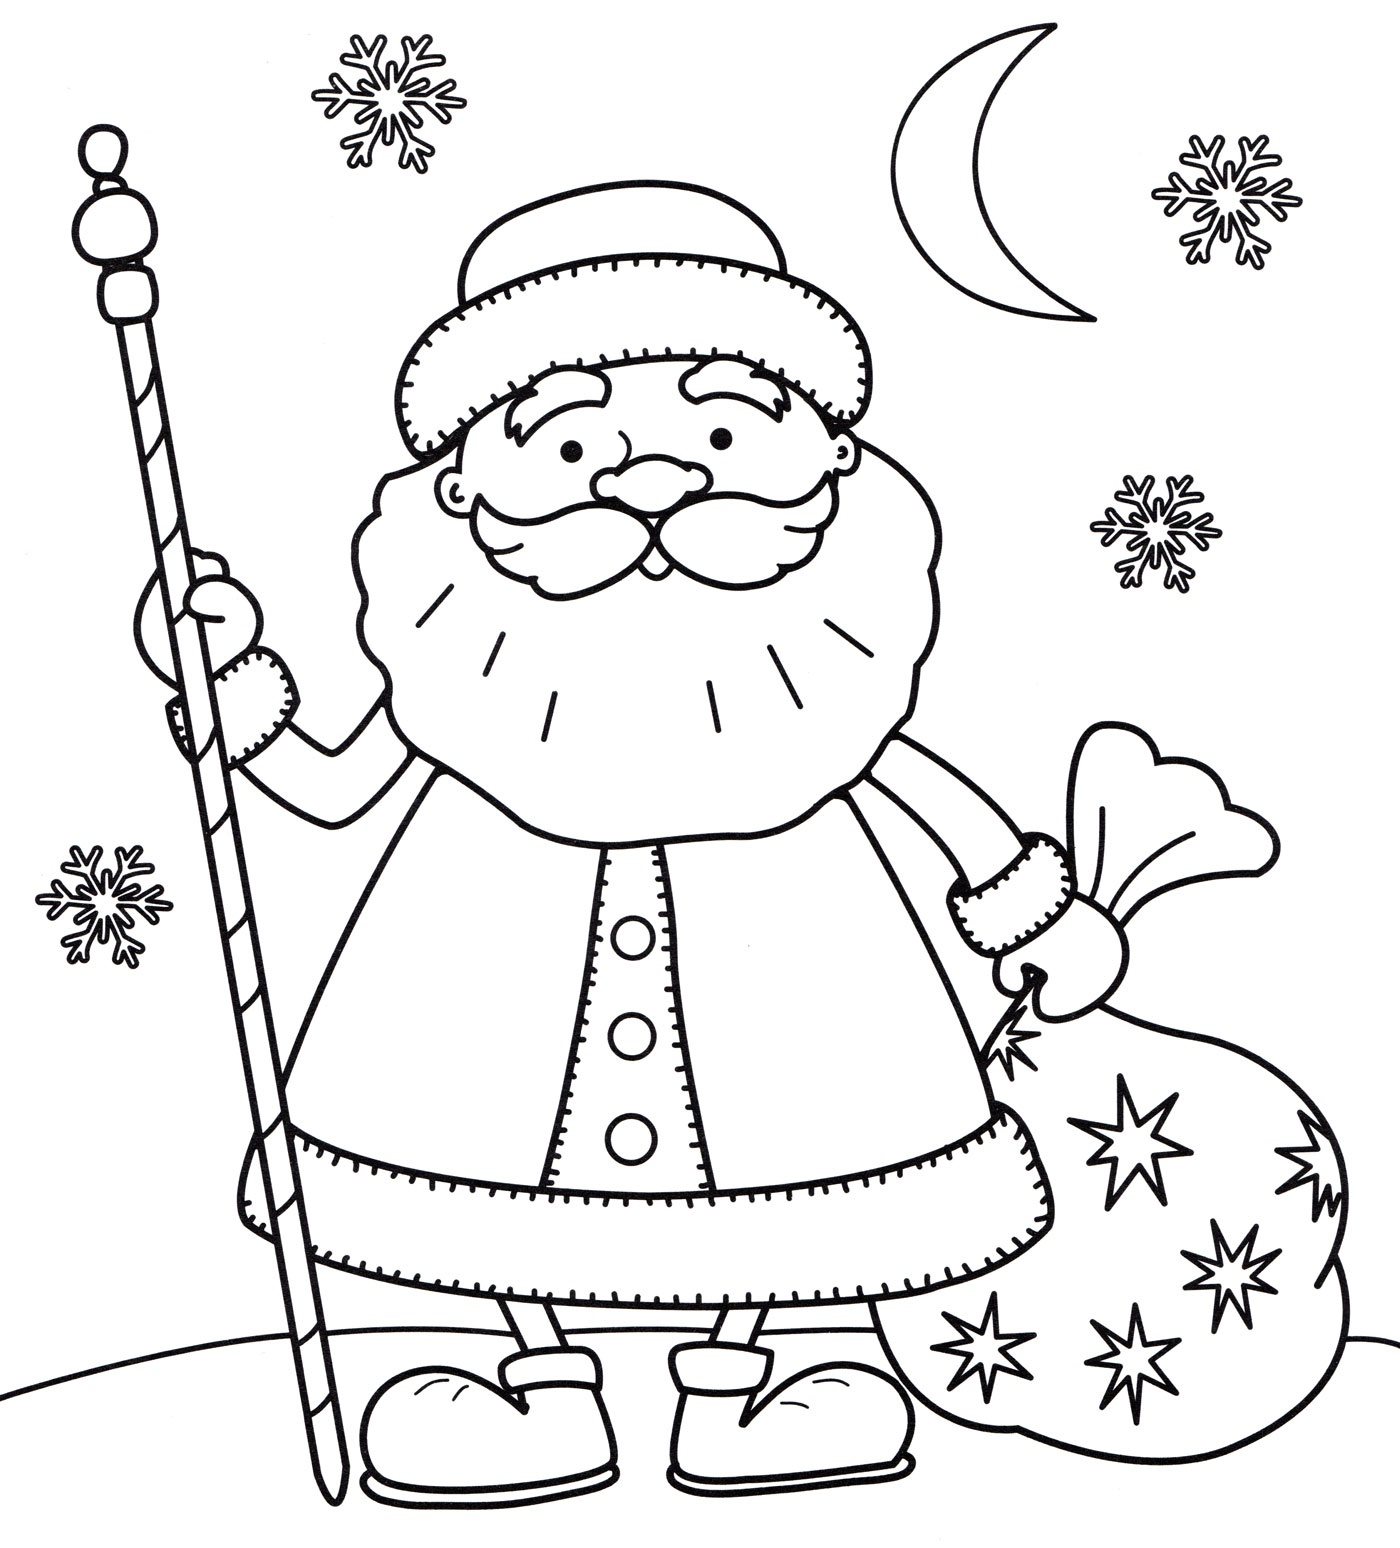 Раскраска Дедушка мороз с мешком - распечатать бесплатно